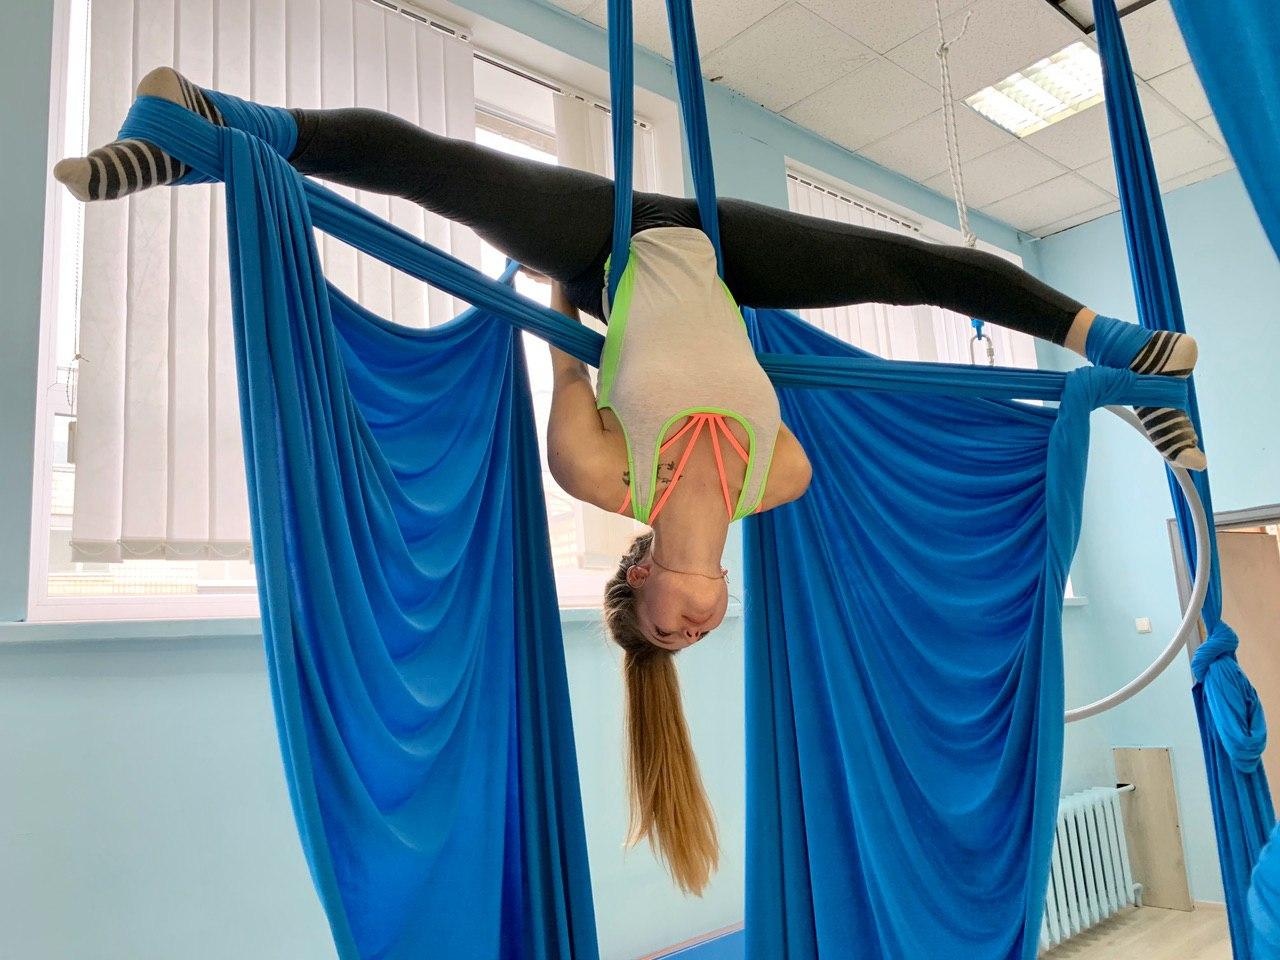 Занятие воздушной акробатикой на полотнах в Киеве